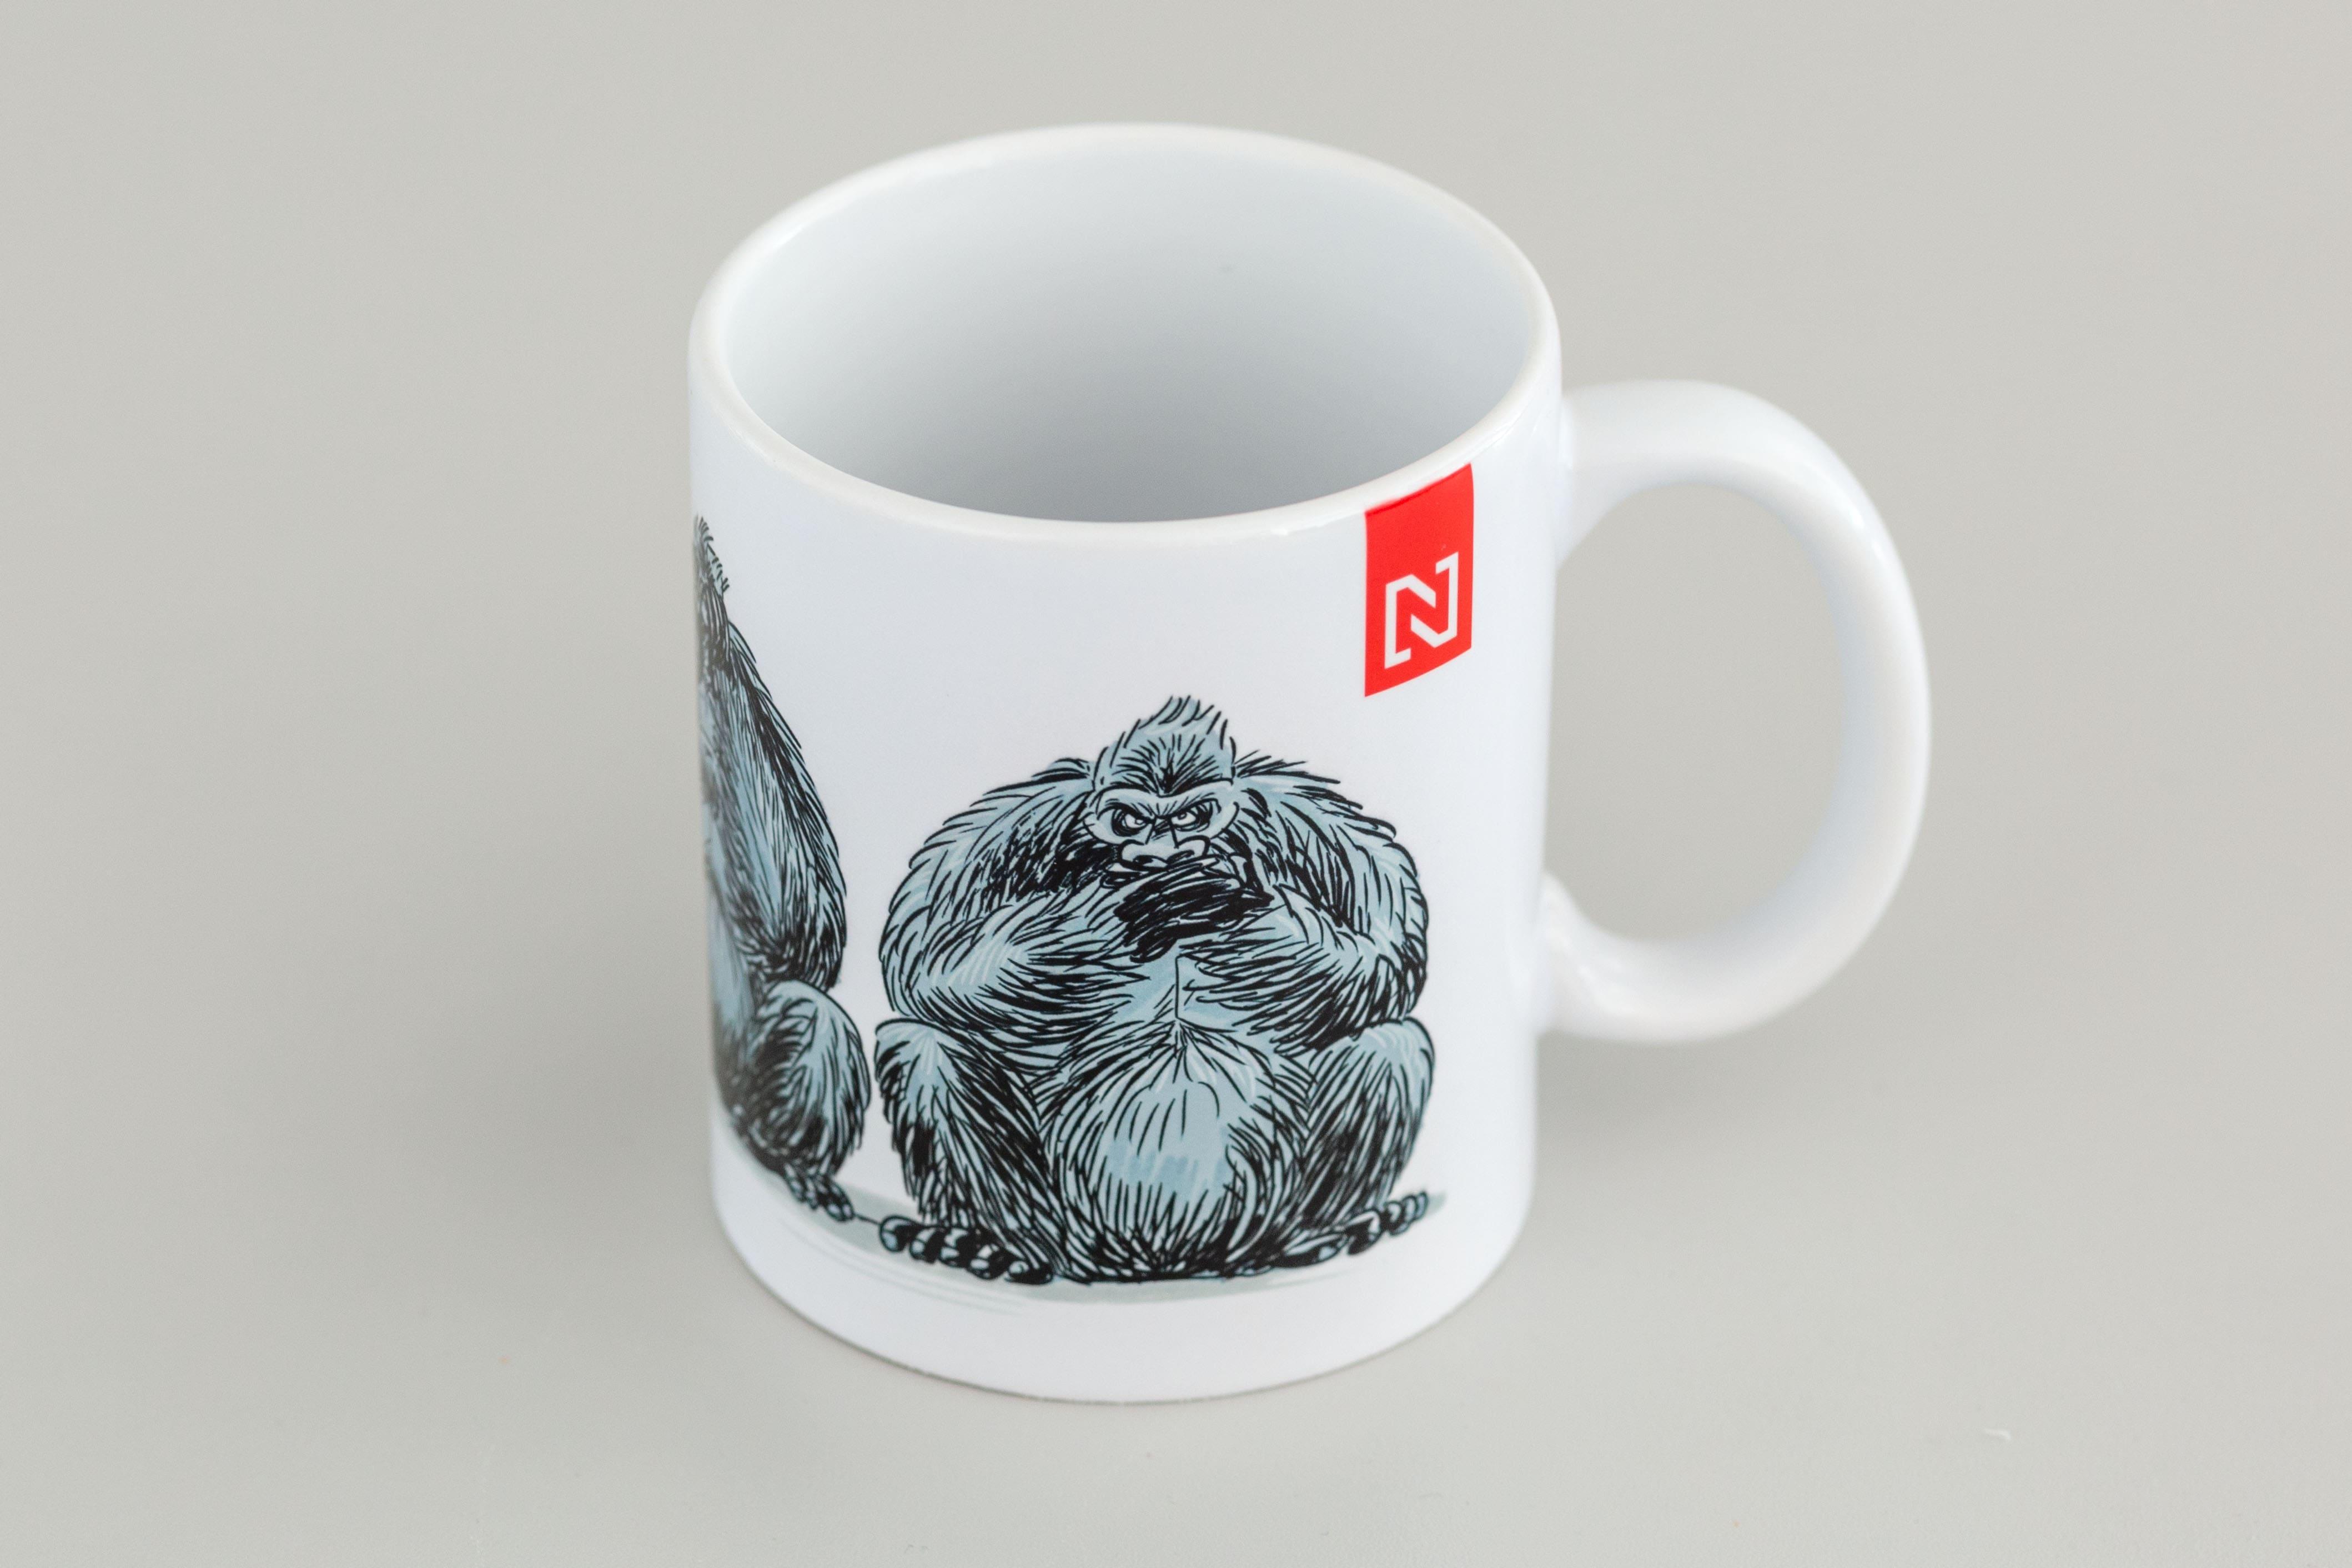 Gorila hrnček Denníka N od Shootyho